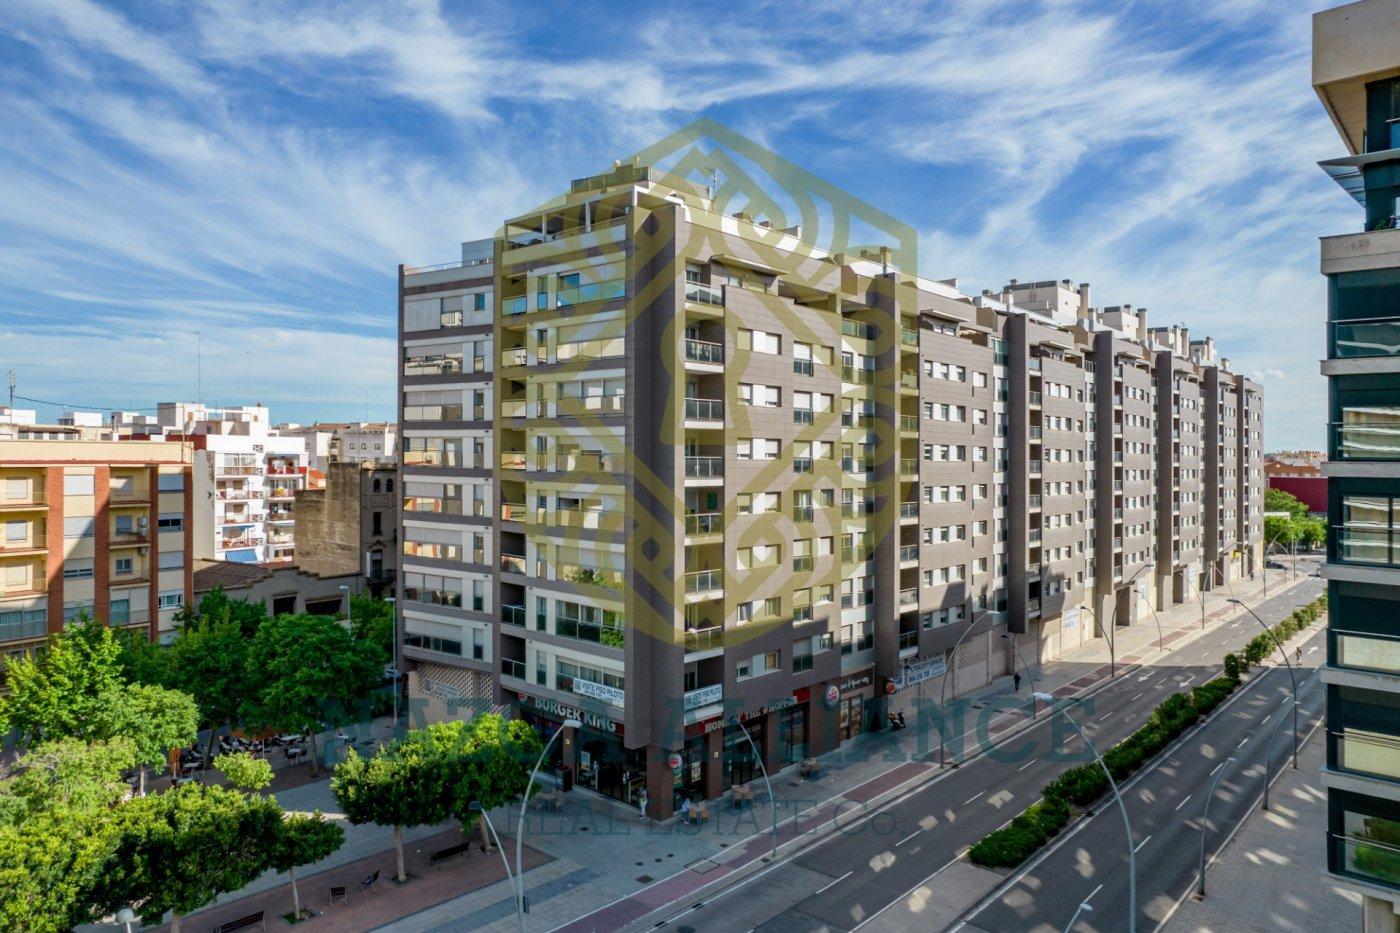 Ático Dúplex con terraza de 25 metros cuadrados